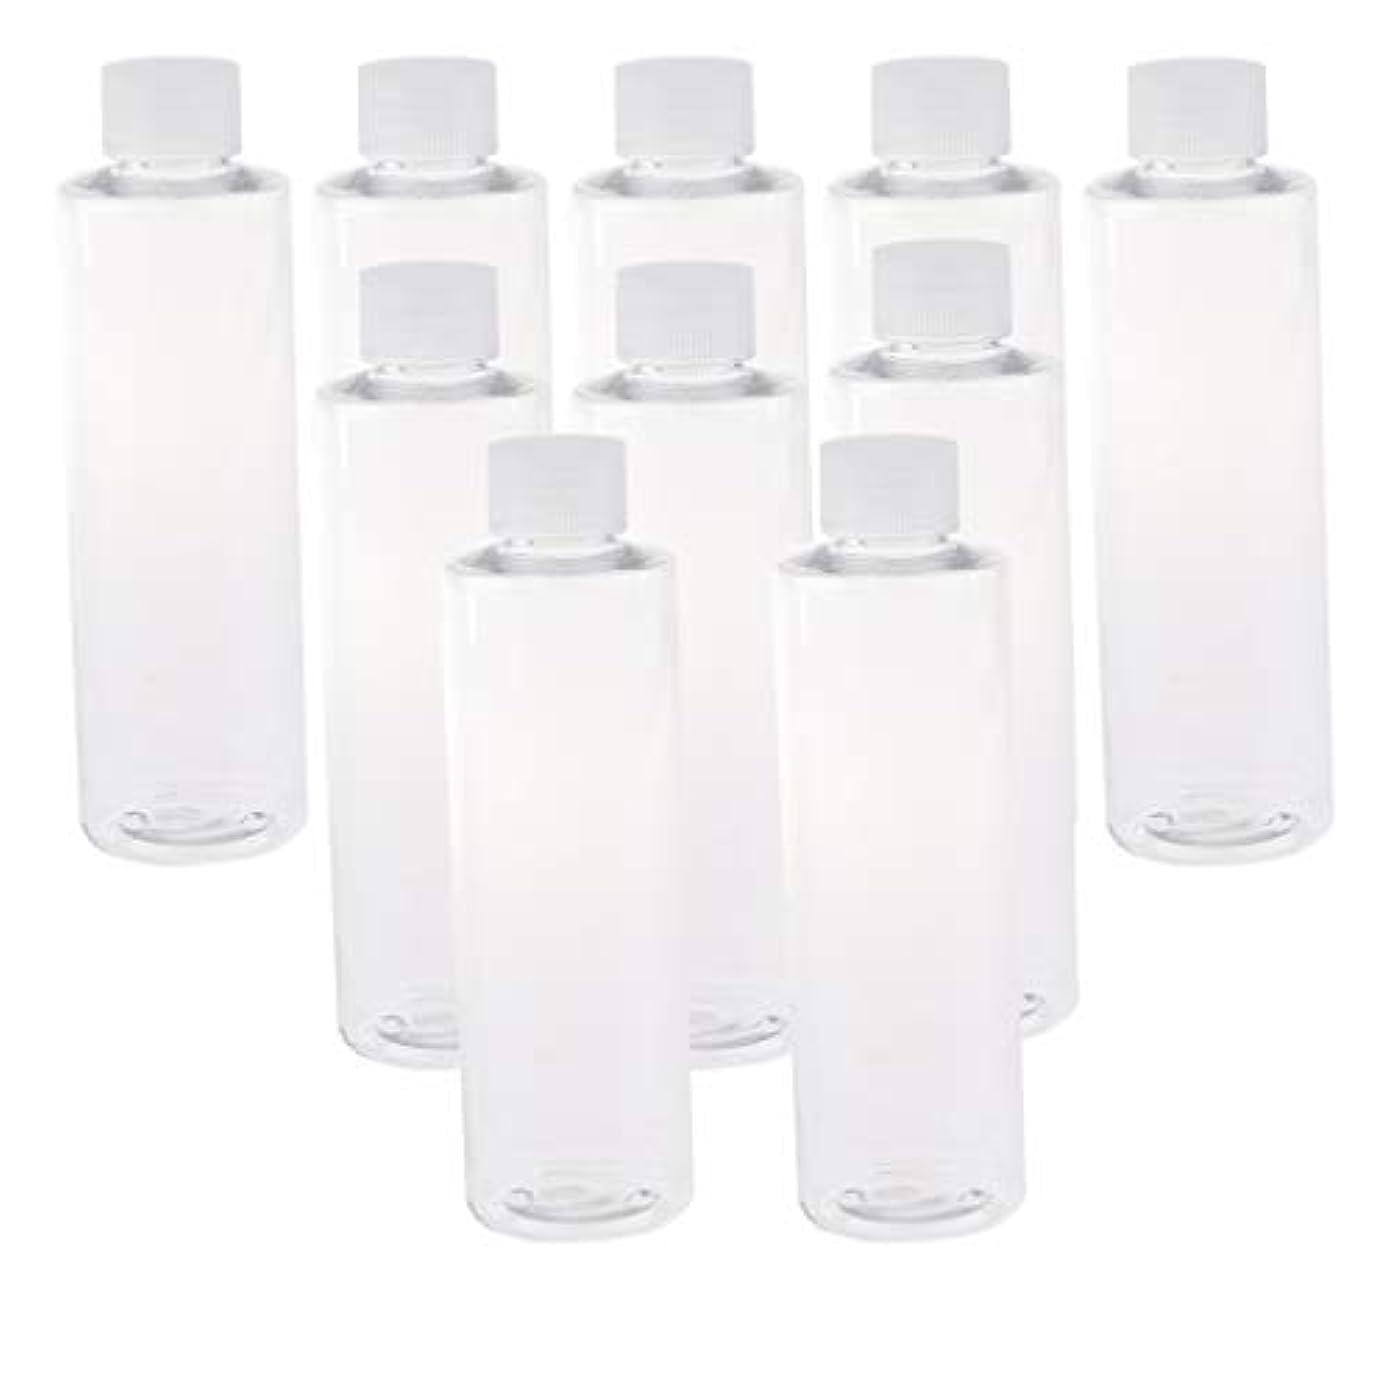 書誌対処する入浴200ml透明プラスチックジュースPET容器ボトル、カラースクリューエビデントキャップ付き(多様なカラーキャップ、10個) - クリアキャップ